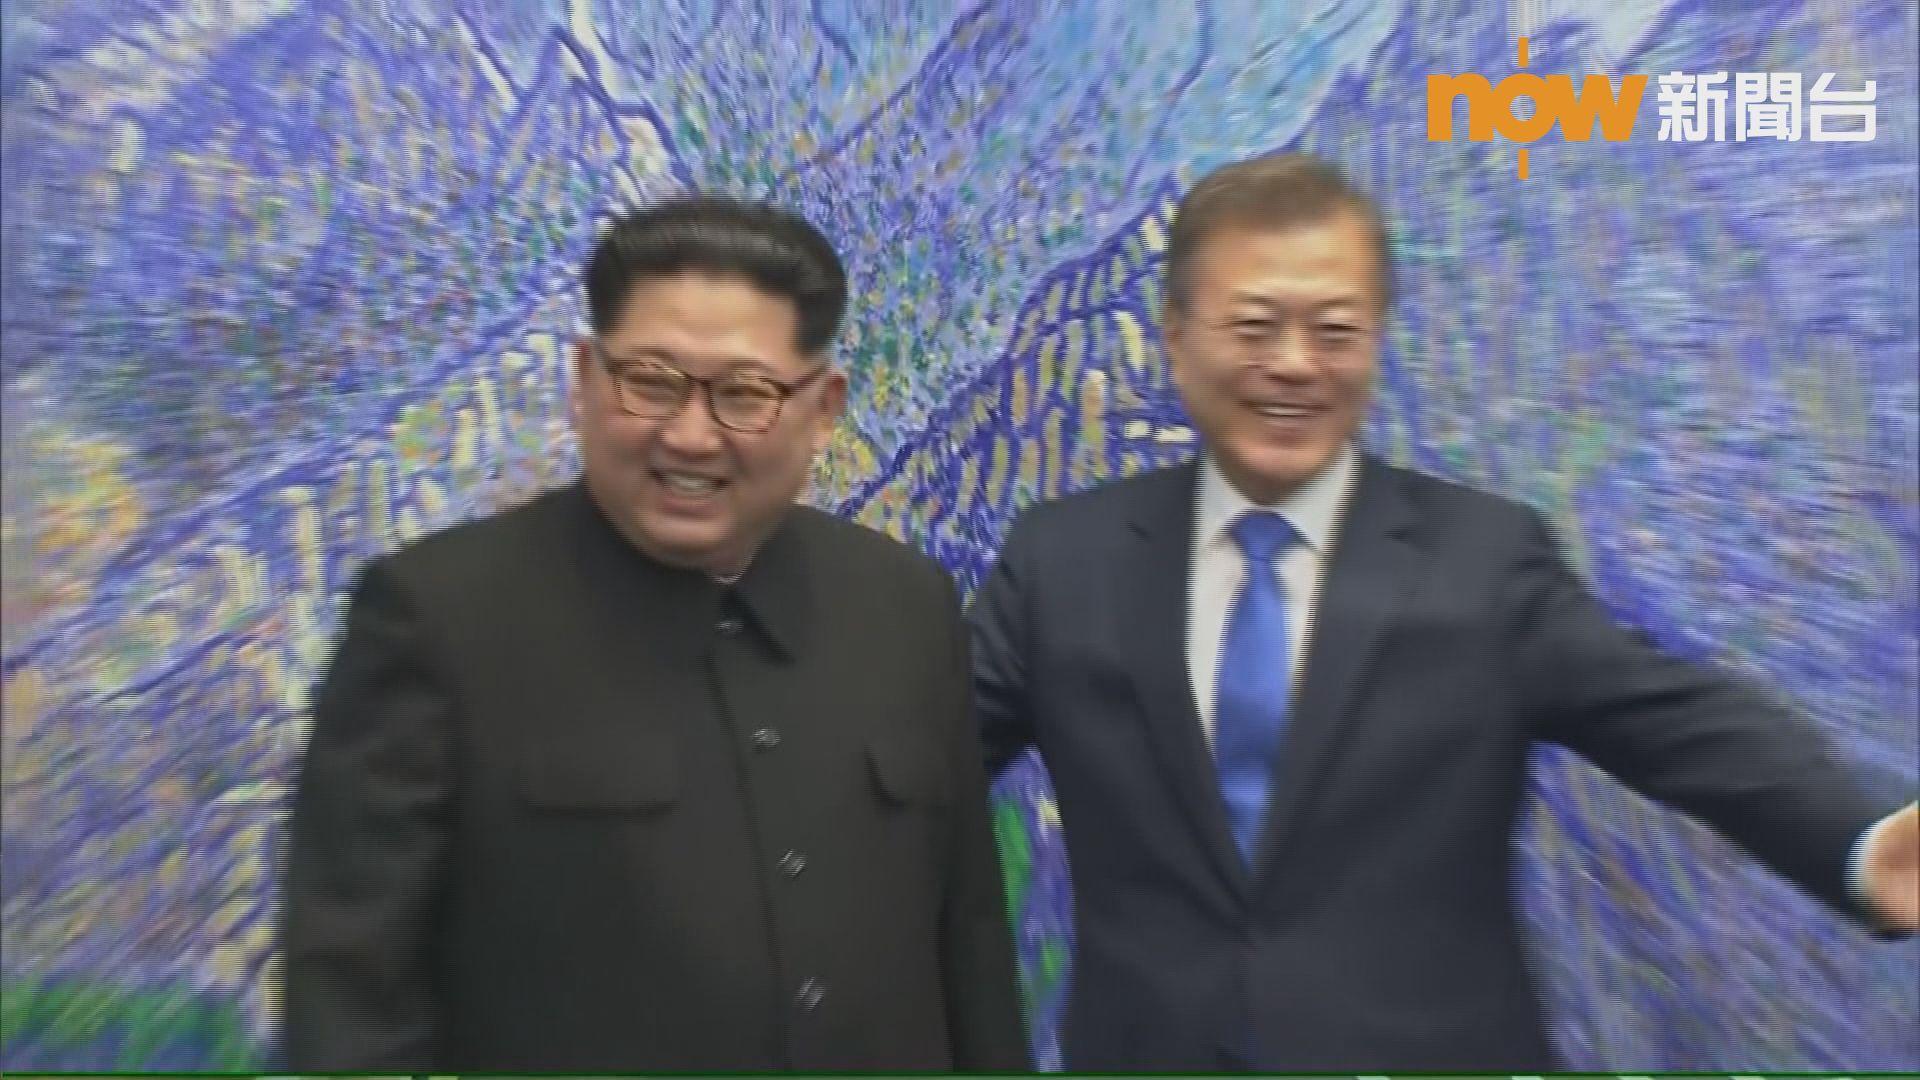 韓媒:文在寅有意邀金正恩出席聯合國大會